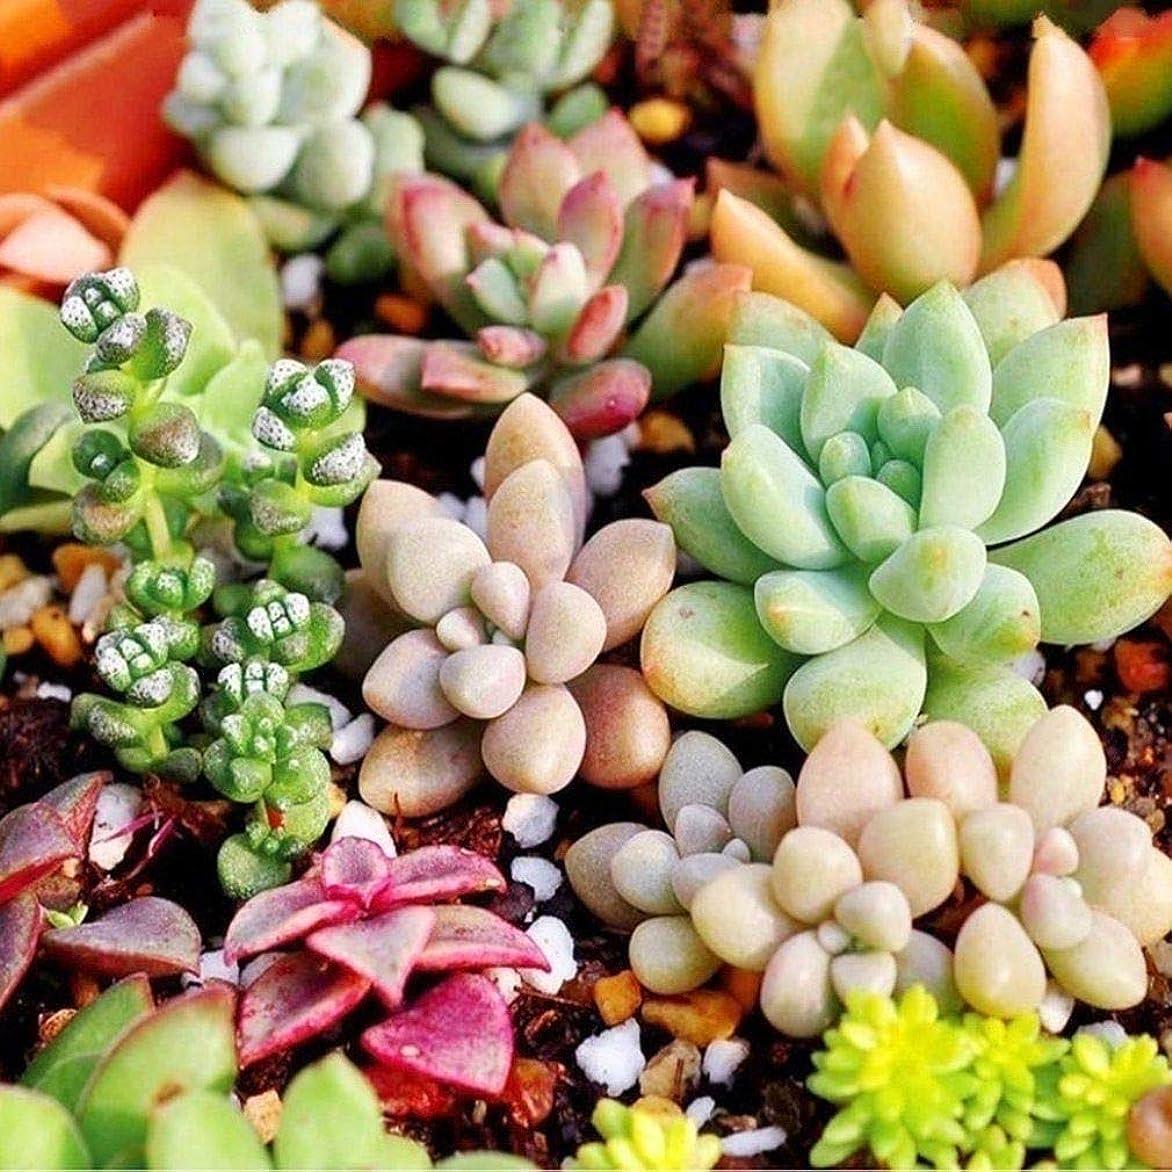 汚染する認証免疫100PCS:_CuteSeedss種子ホームヤードガーデンSeedssデコレーション盆栽種子